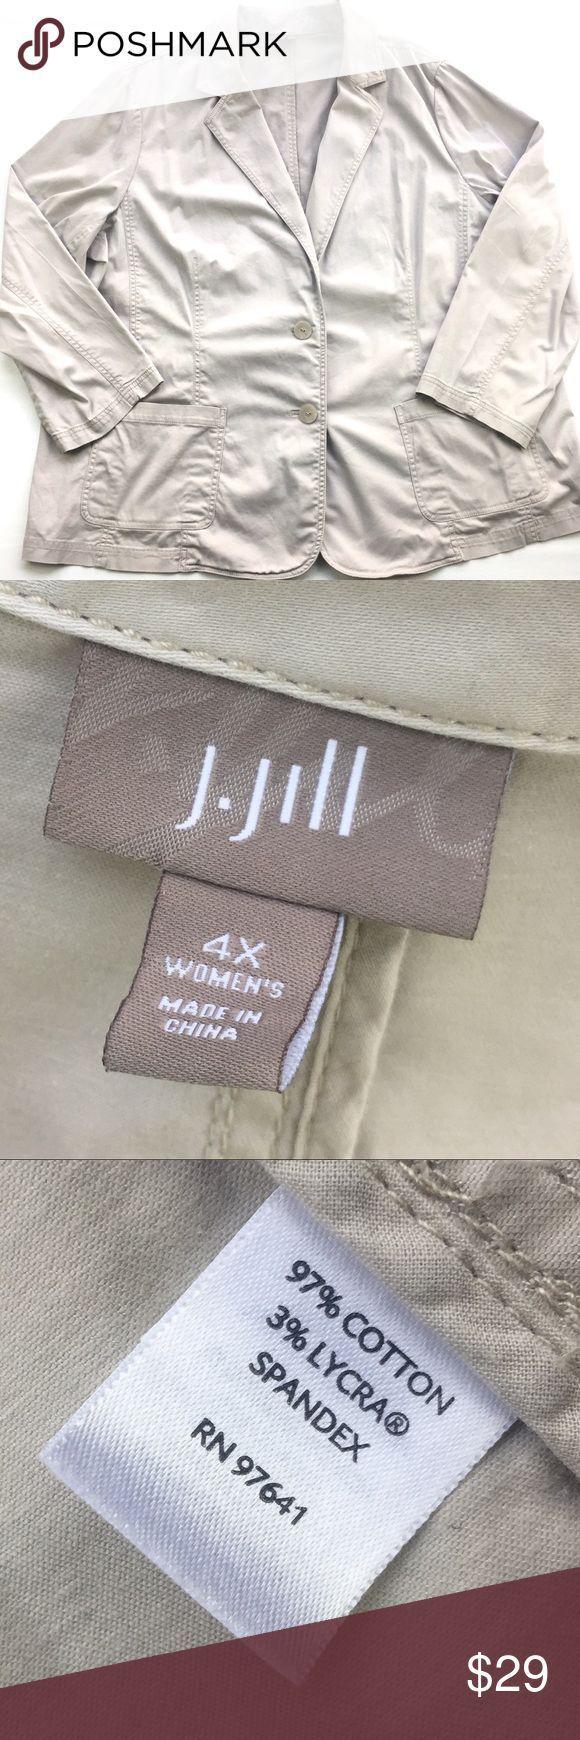 Tendance salopette 2017  {J. Jill} Beige Blazer Jacket J. Jill beige blazer/jacket. Has a few small stain